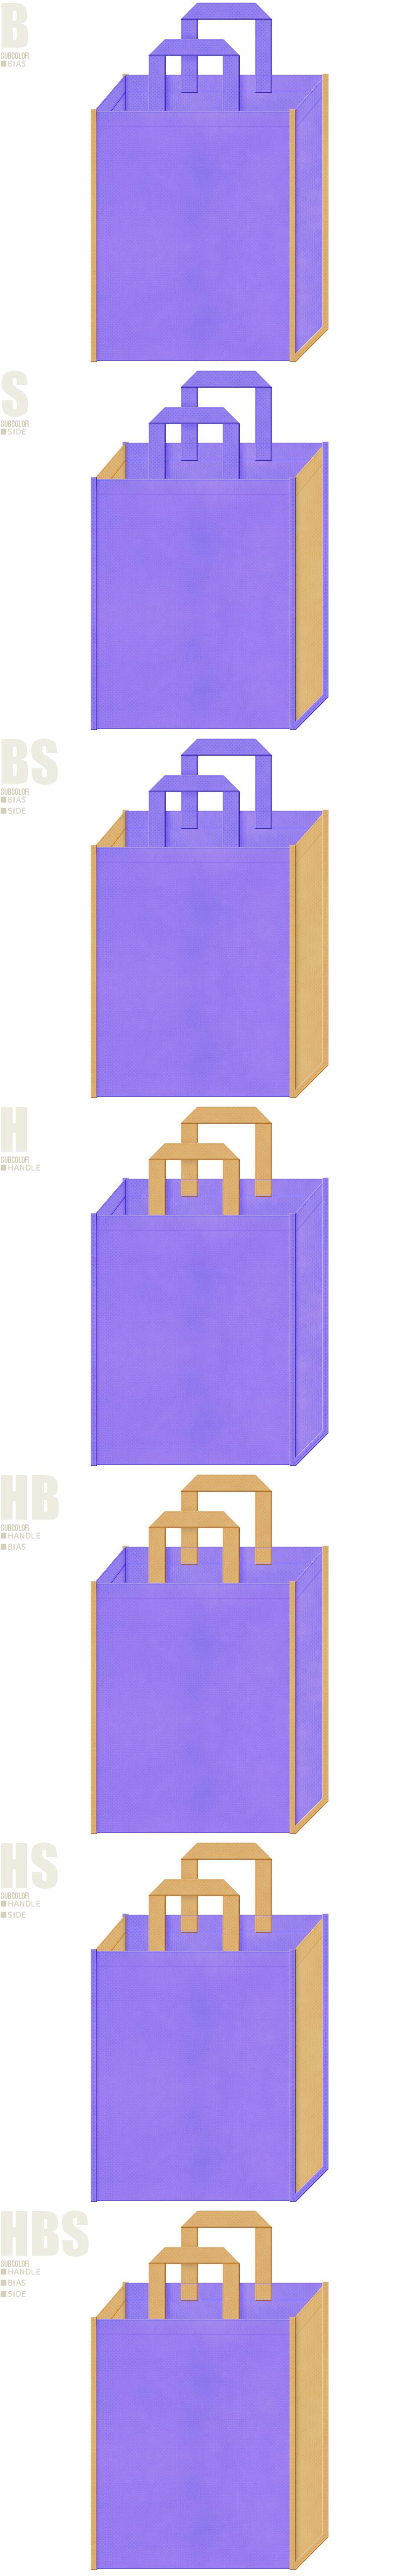 明るめの紫色と薄黄土色、7パターンの不織布トートバッグ配色デザイン例。